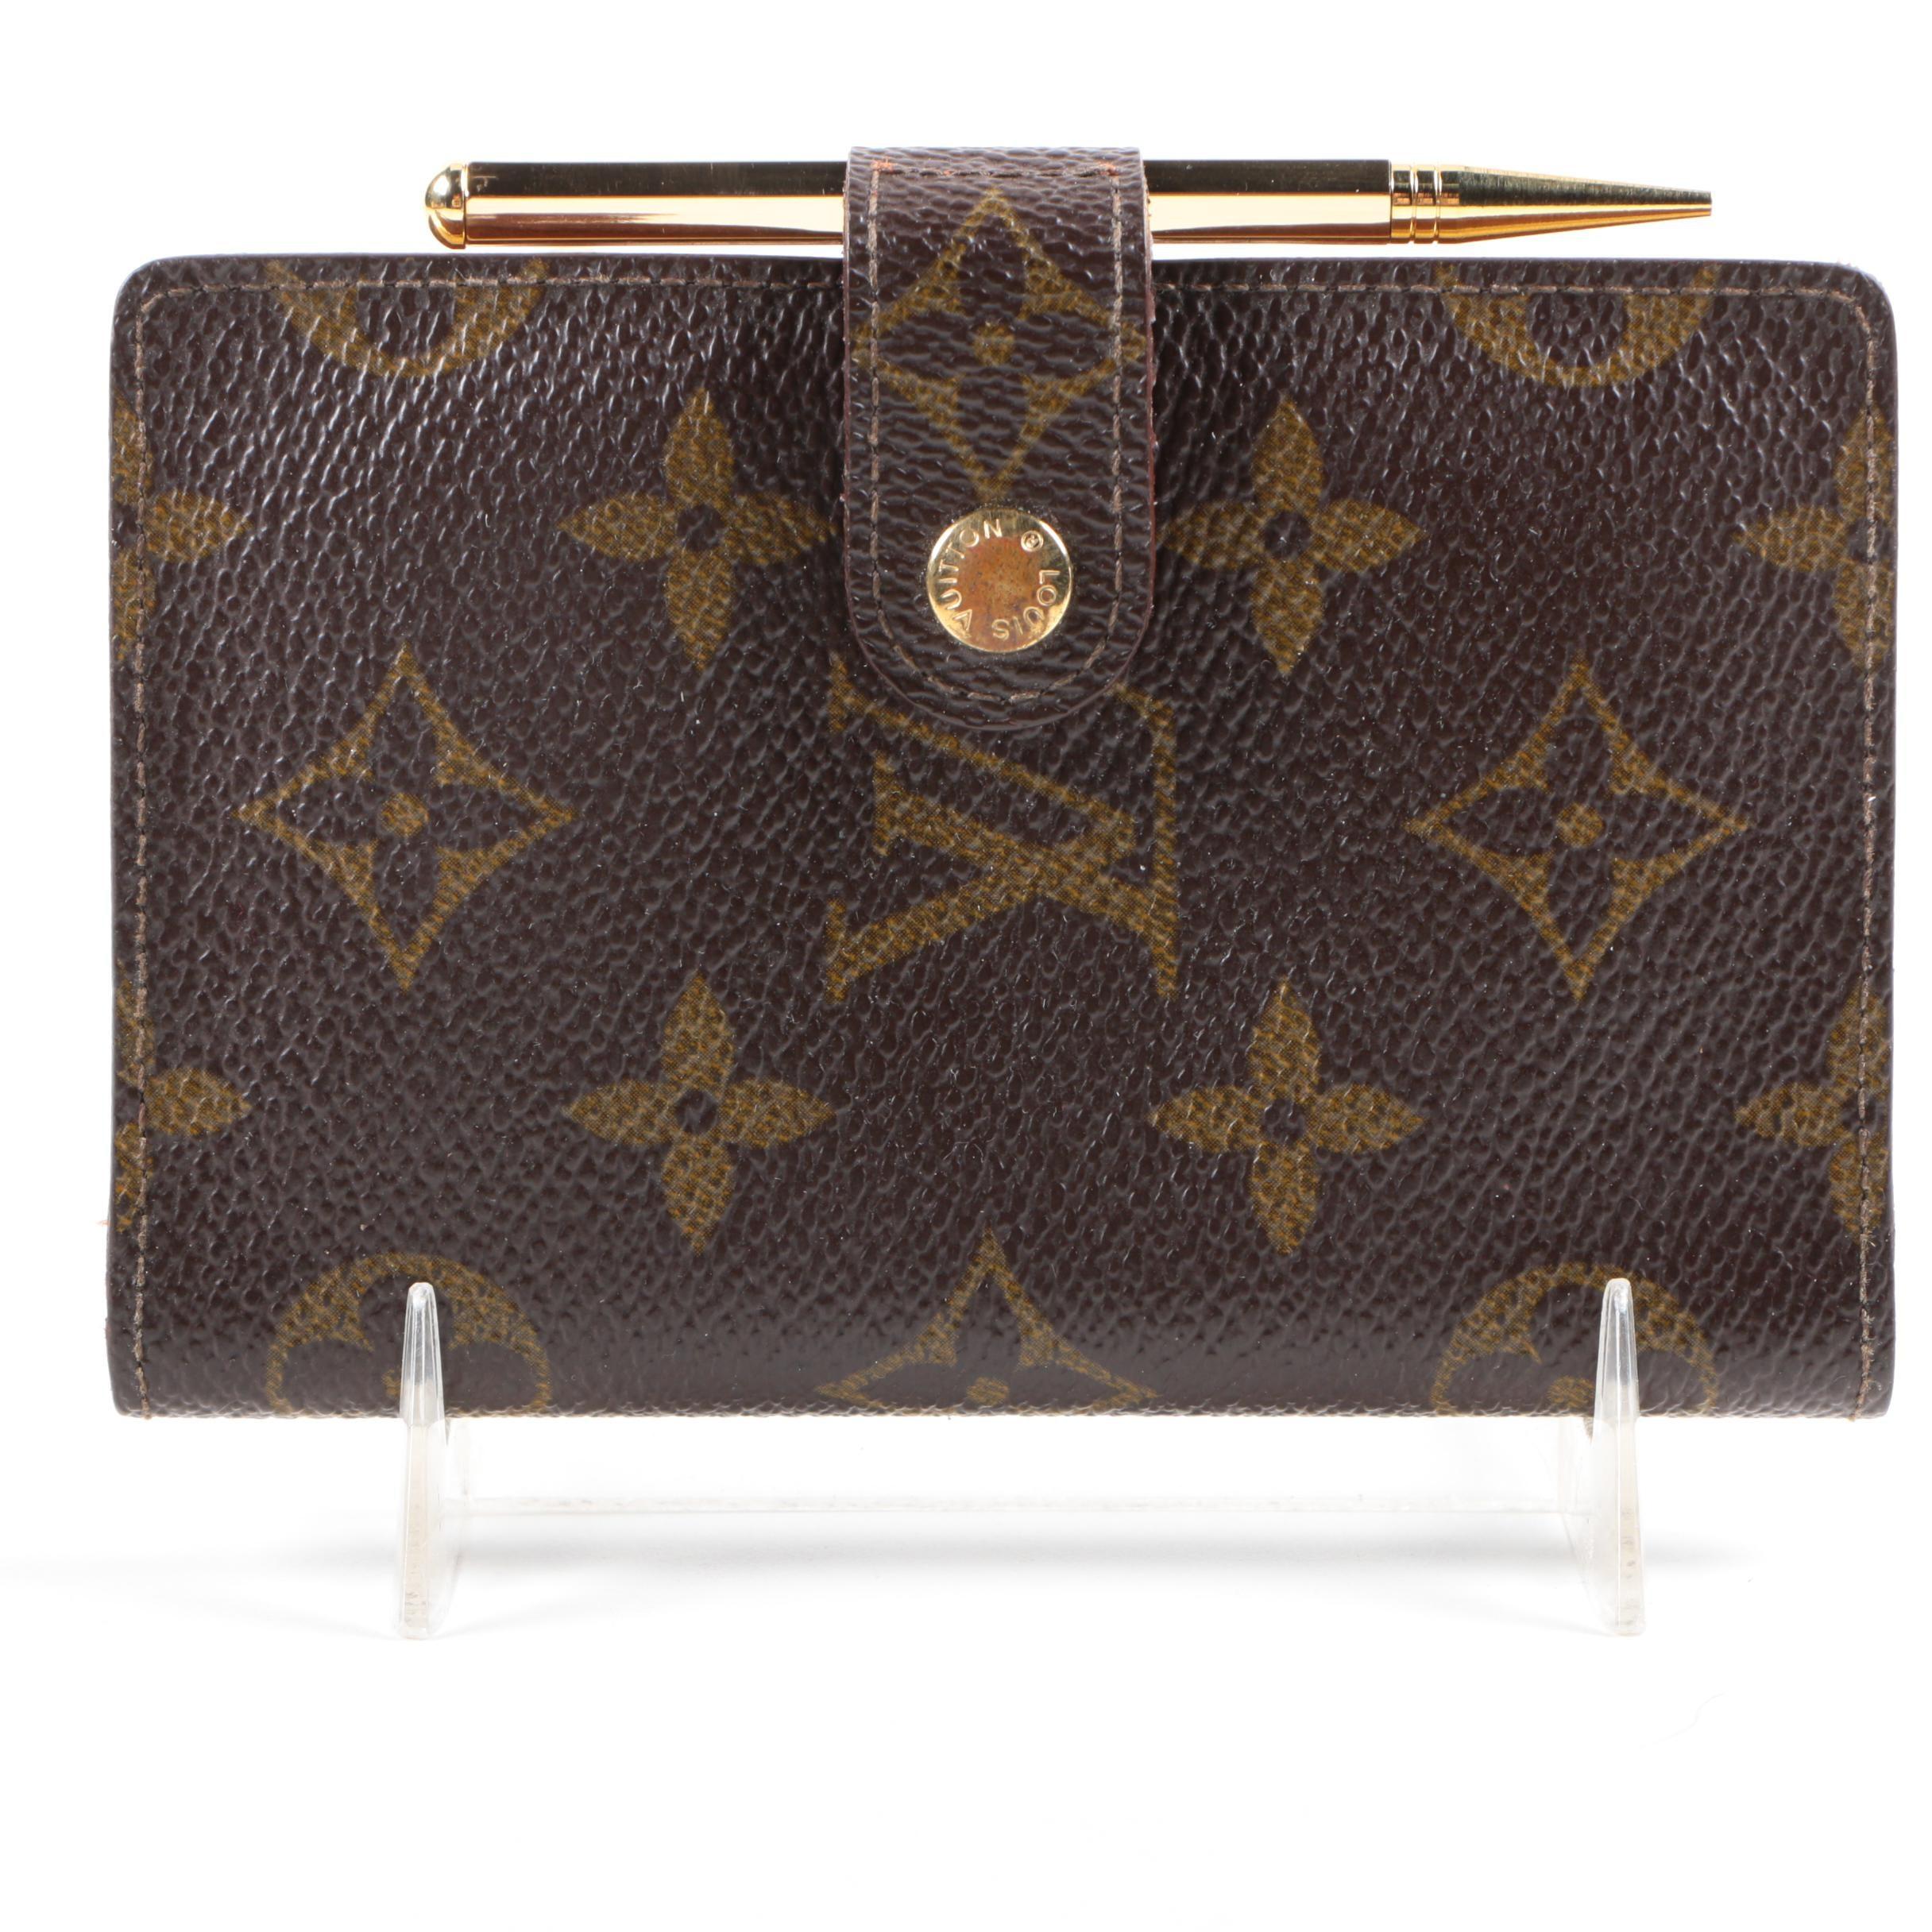 Louis Vuitton Monogram Agenda Cover